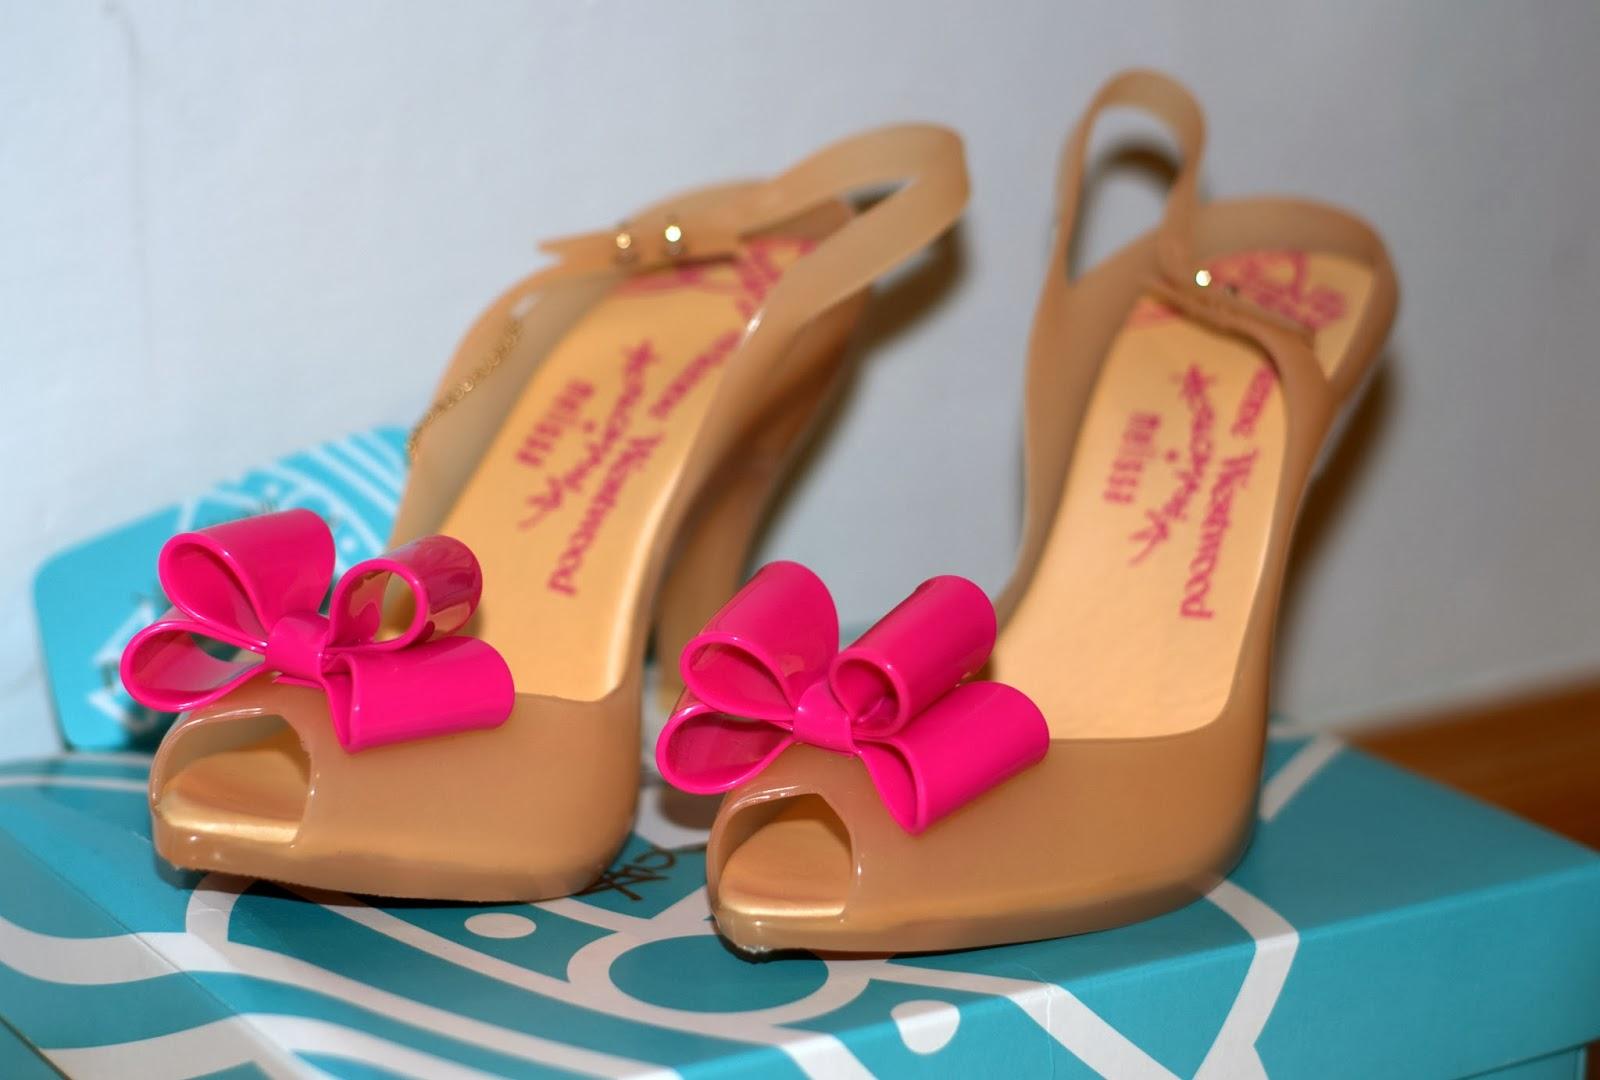 jak się nosi buty z gumy marki Melissa?